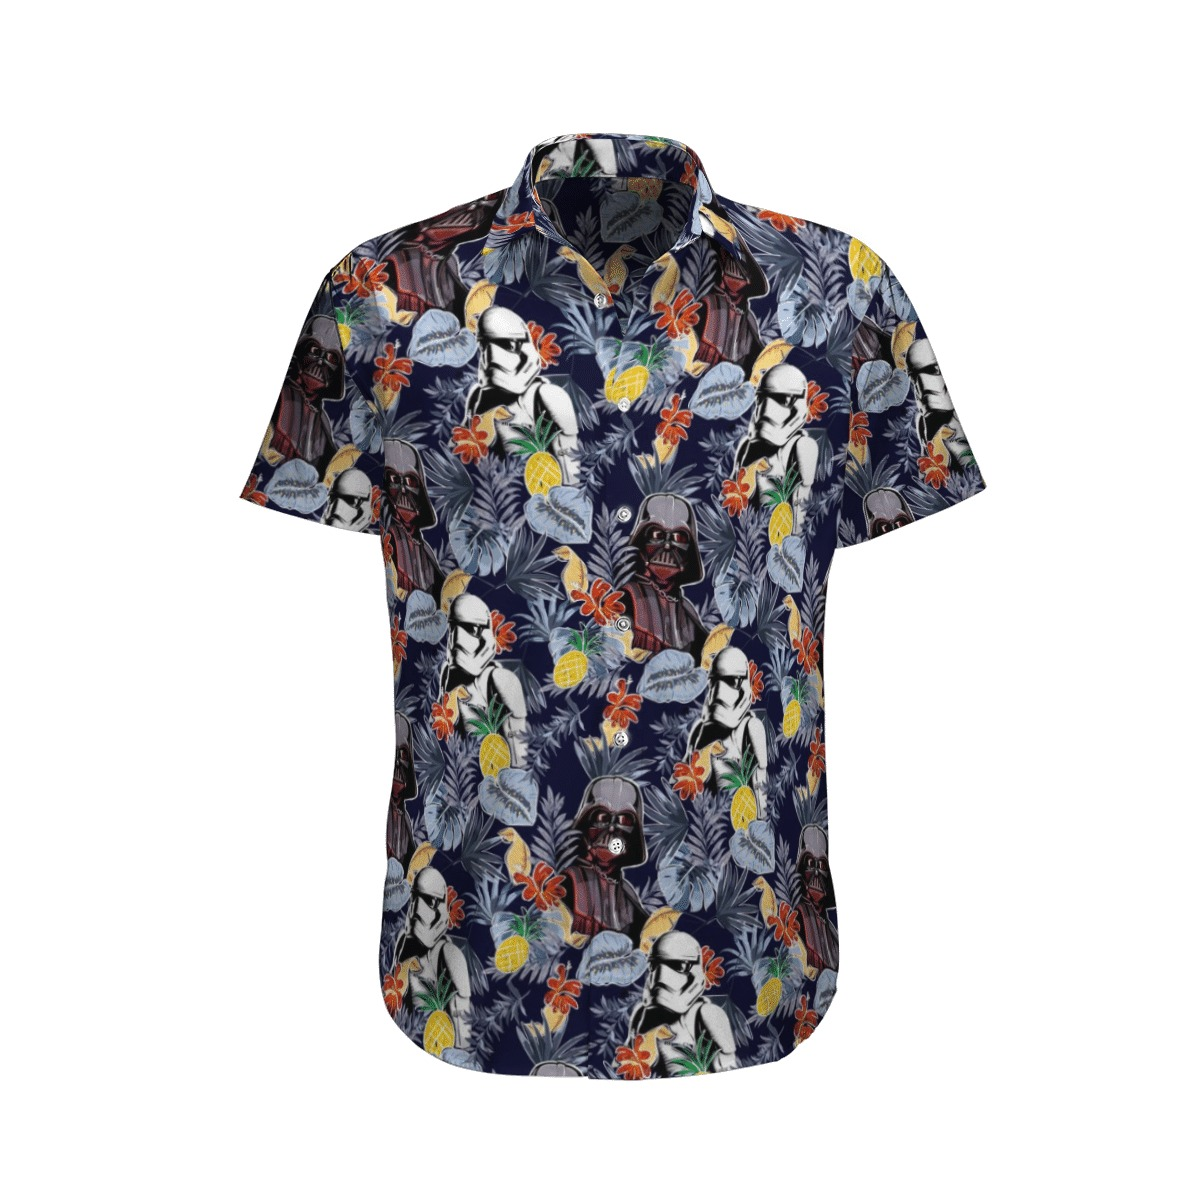 Star wars hawaiian shirt in Summer